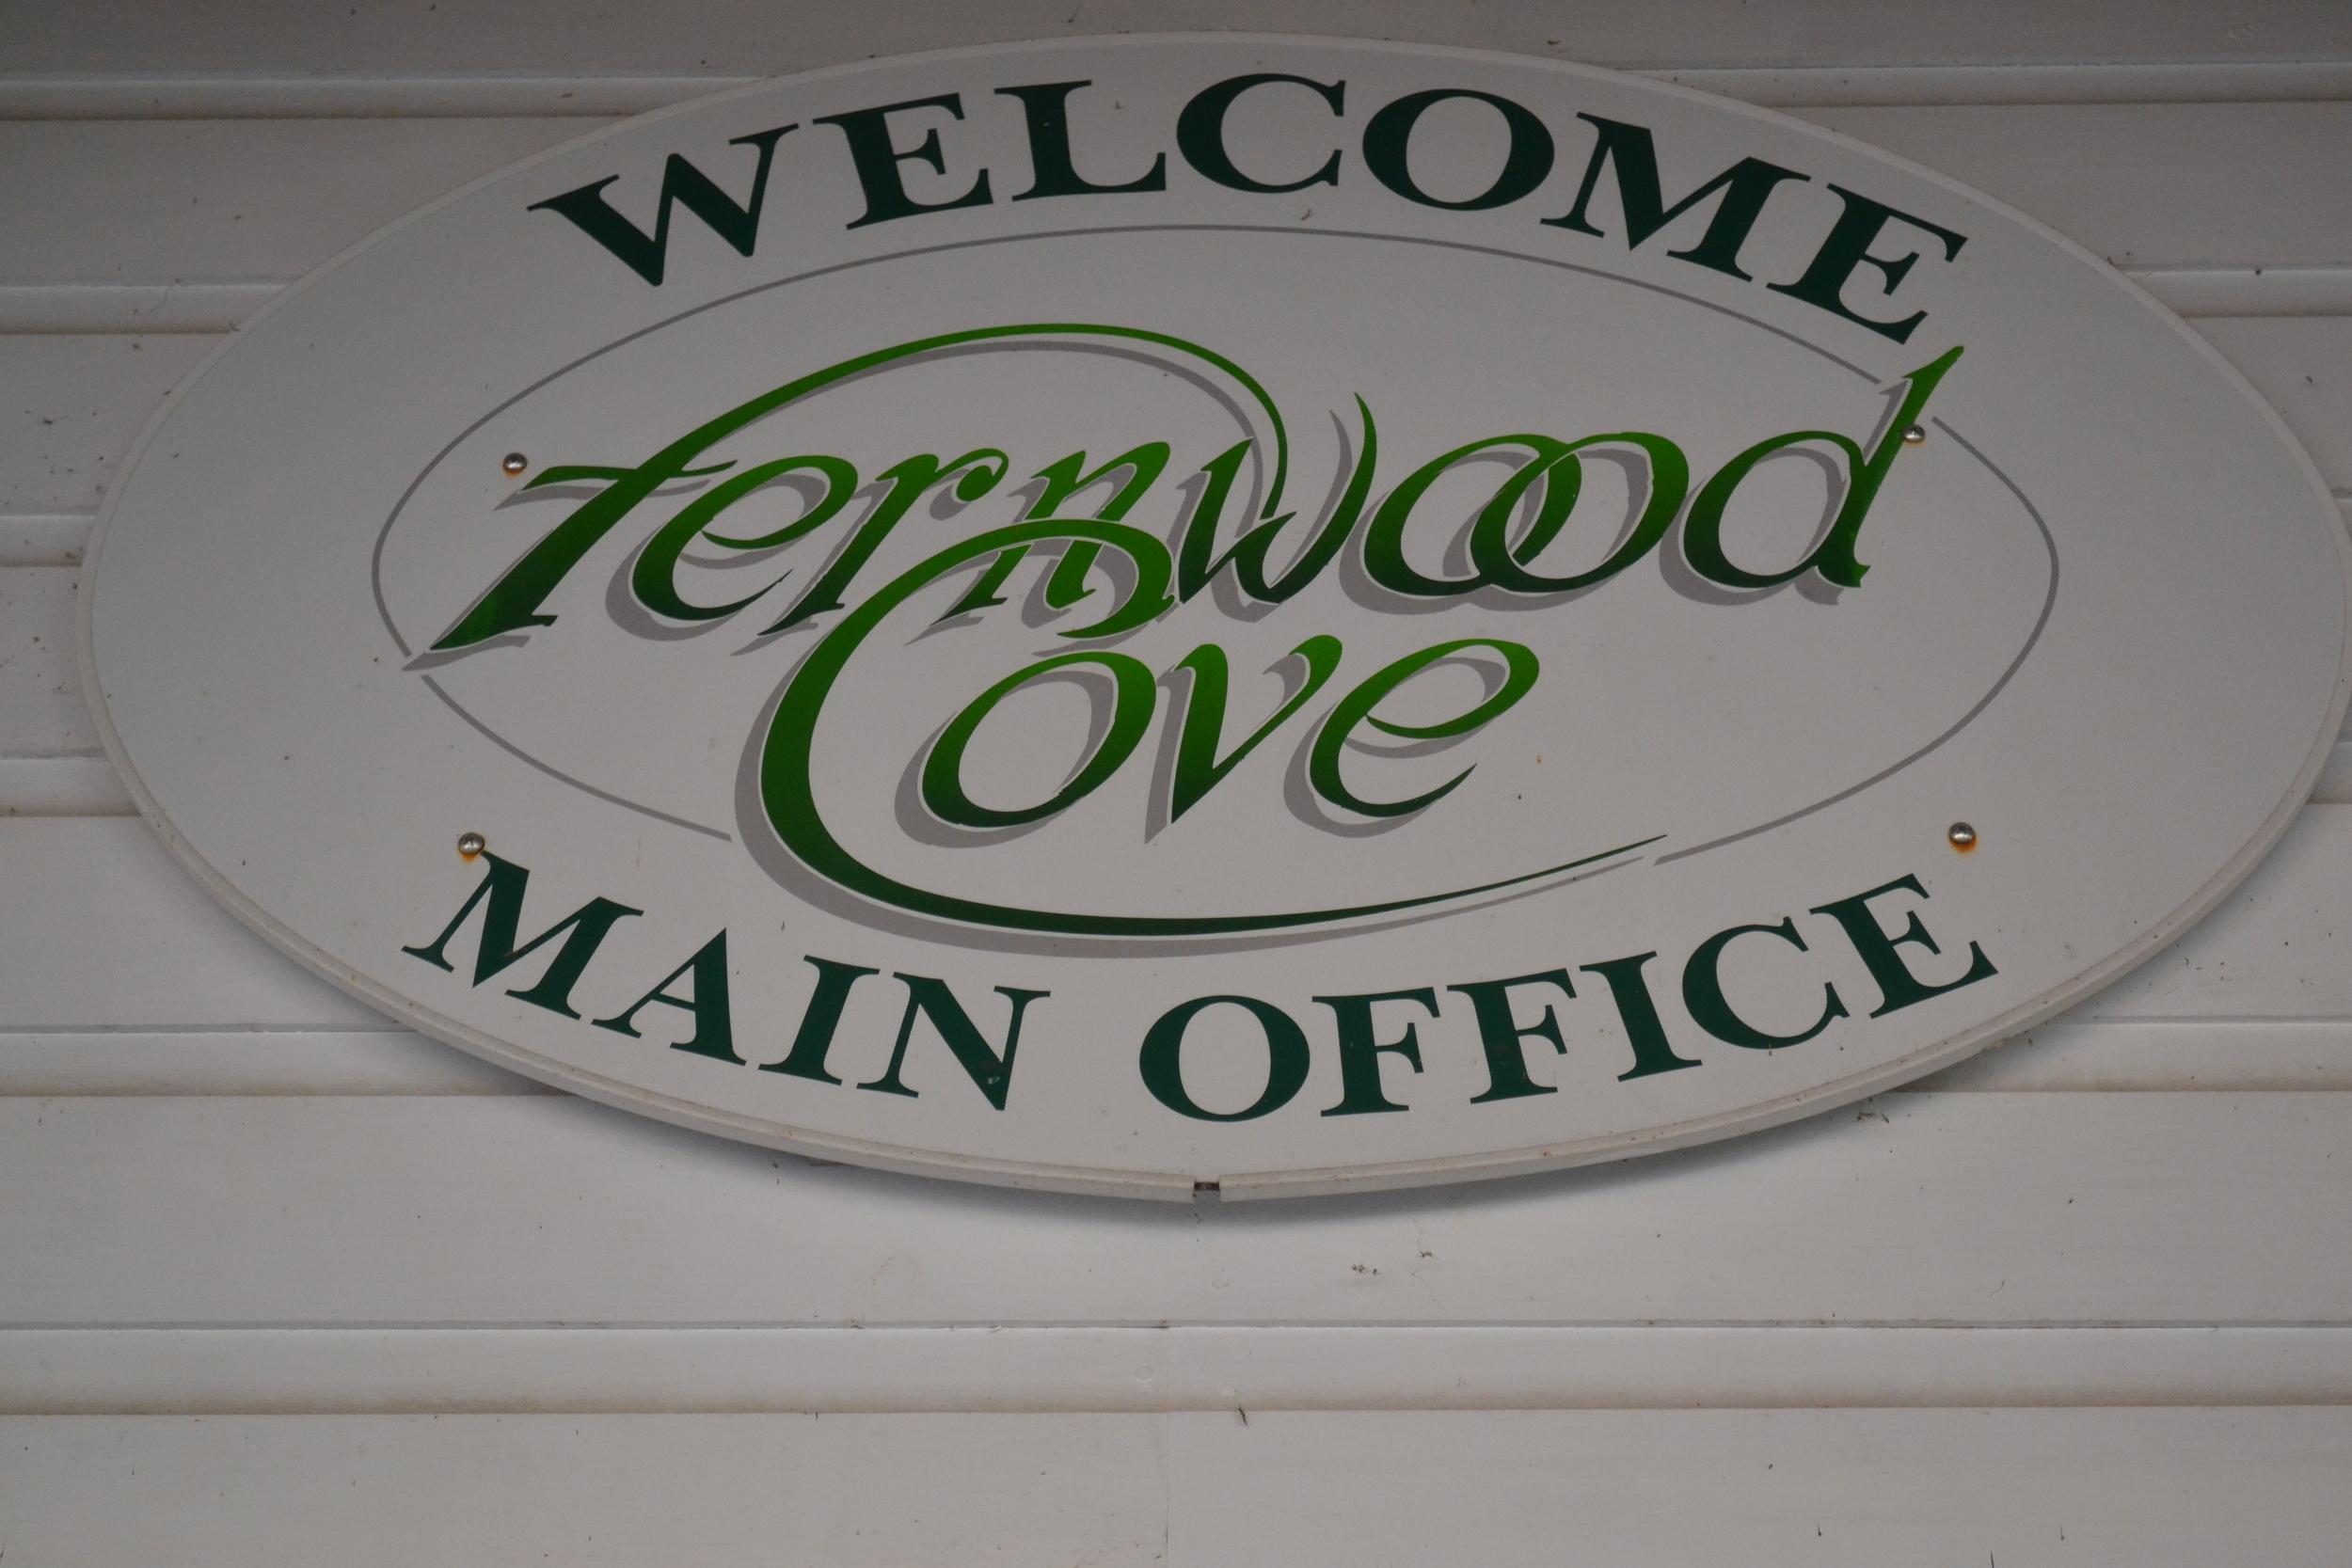 Fernwood Cove